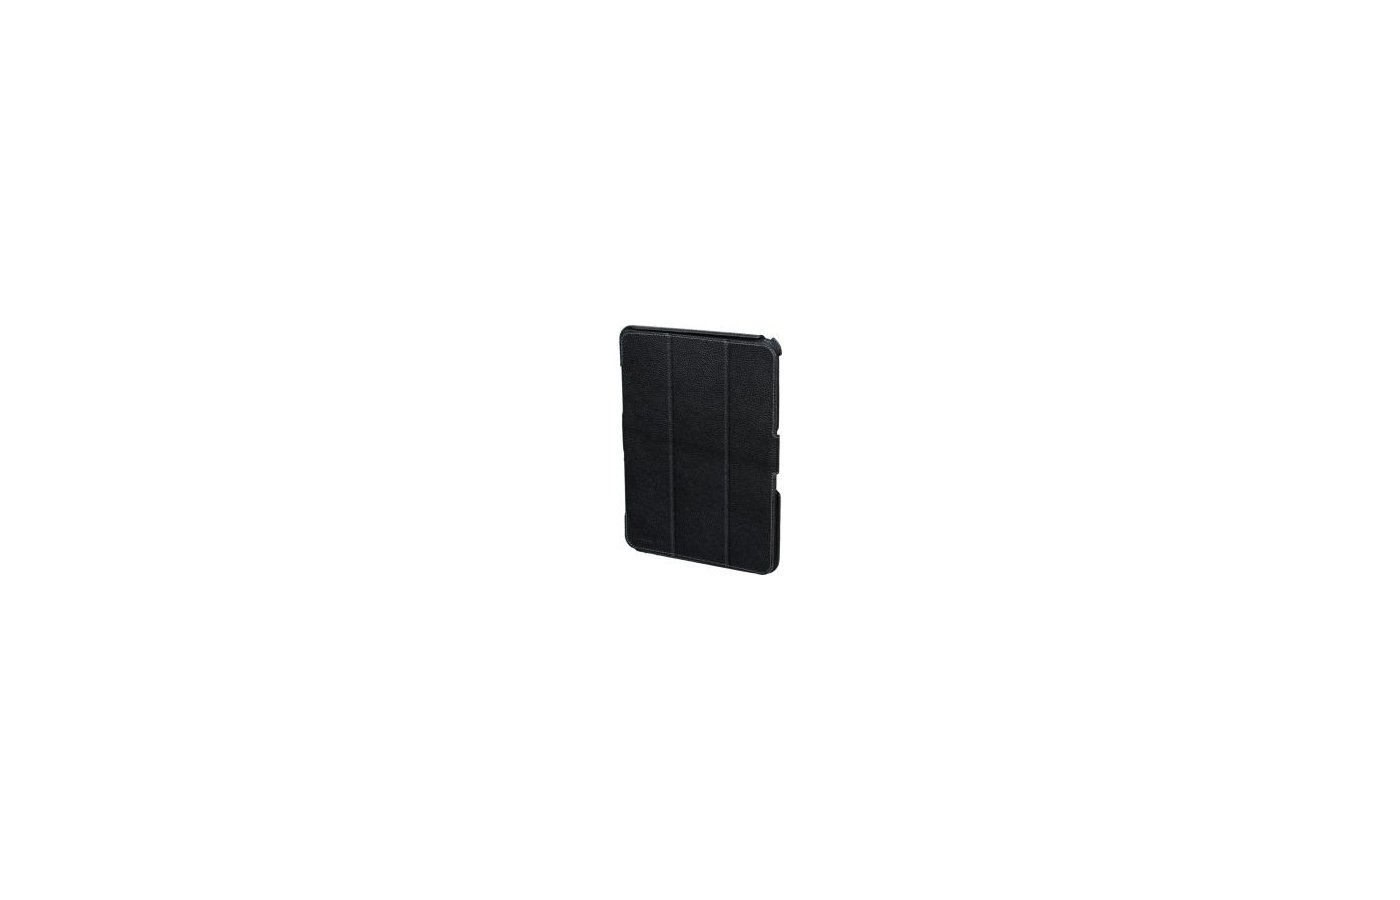 """Чехол для планшетного ПК Untamo Alto для Samsung Galaxy Tab IV 7.0"""", кожа, черный"""